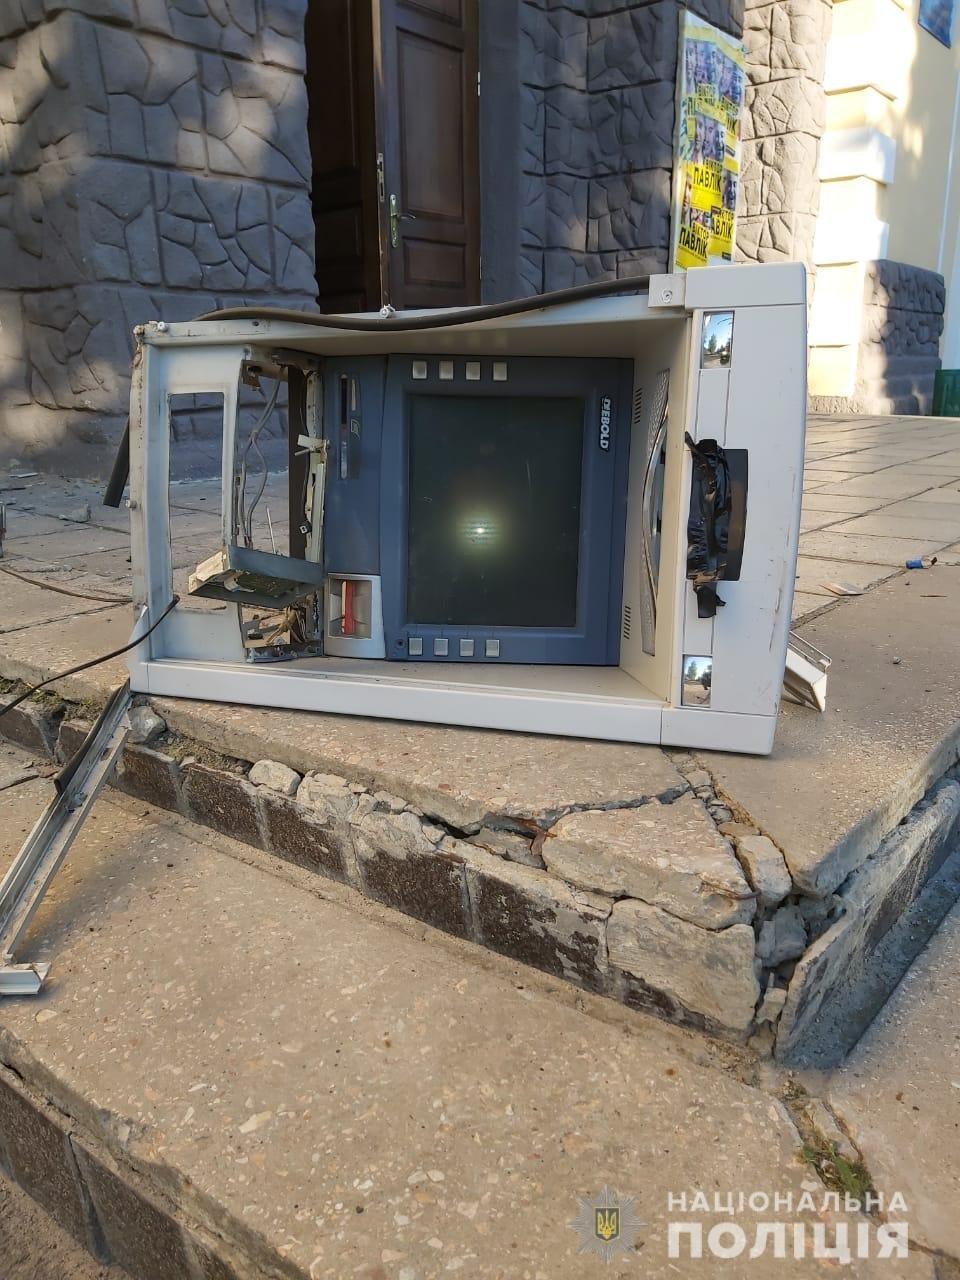 На Харьковщине неизвестные подорвали банкомат и унесли деньги, - ФОТО, фото-2